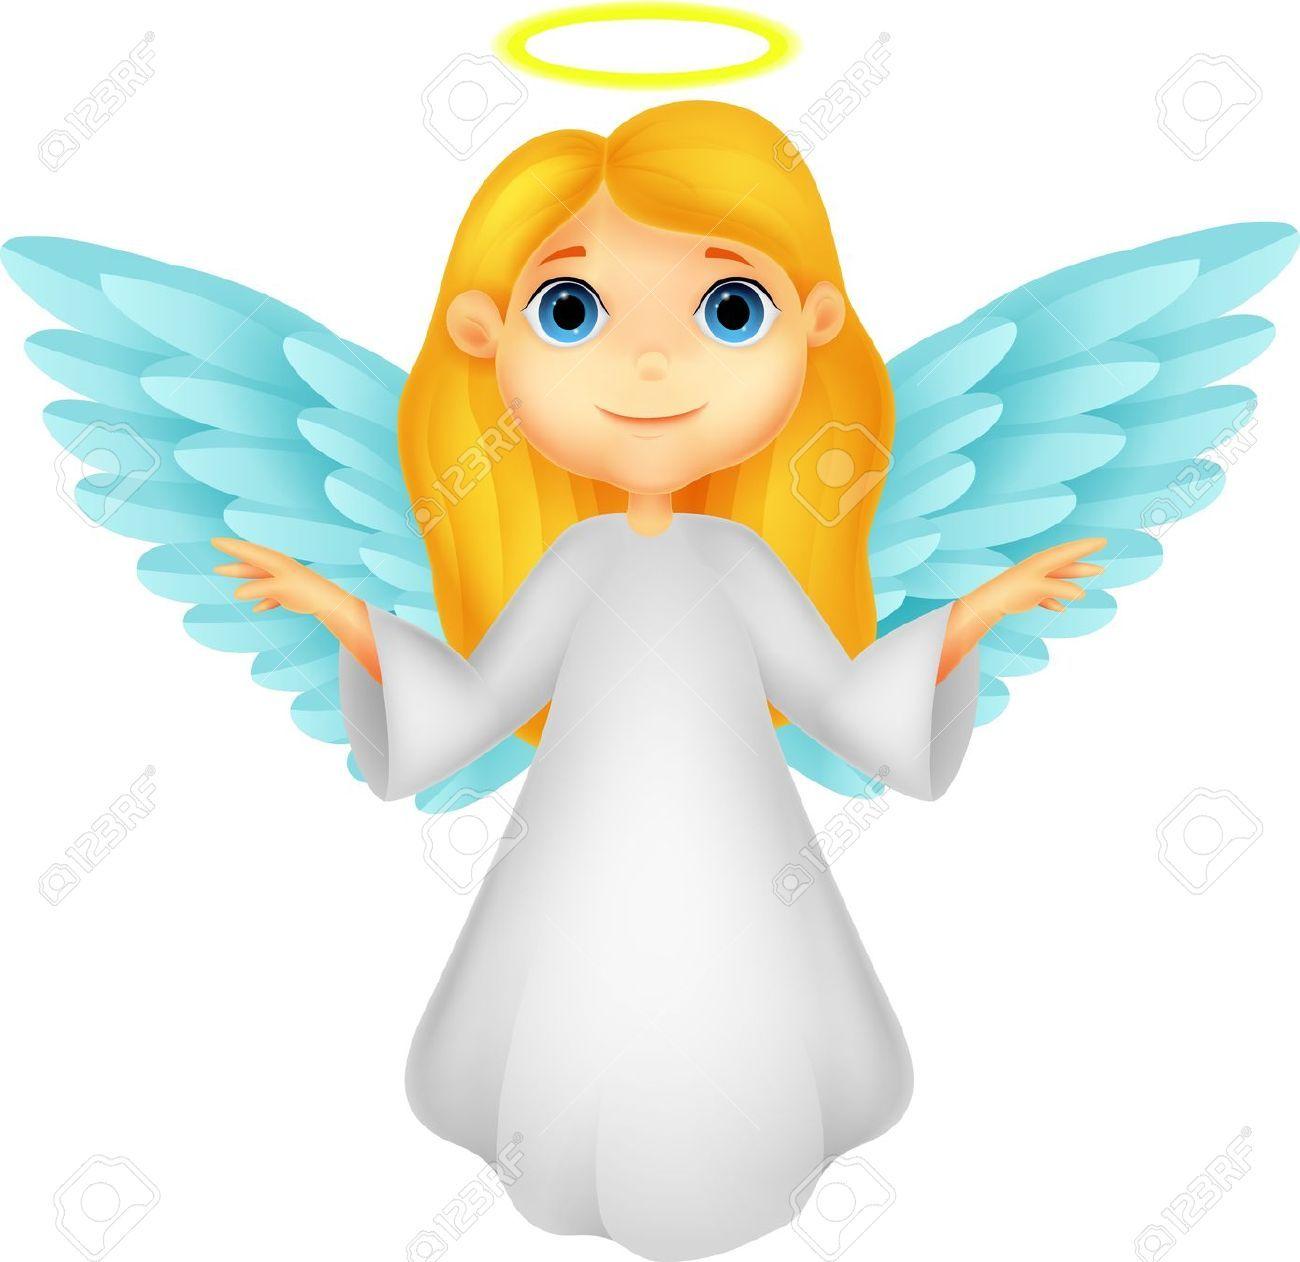 angels clipart cartoon